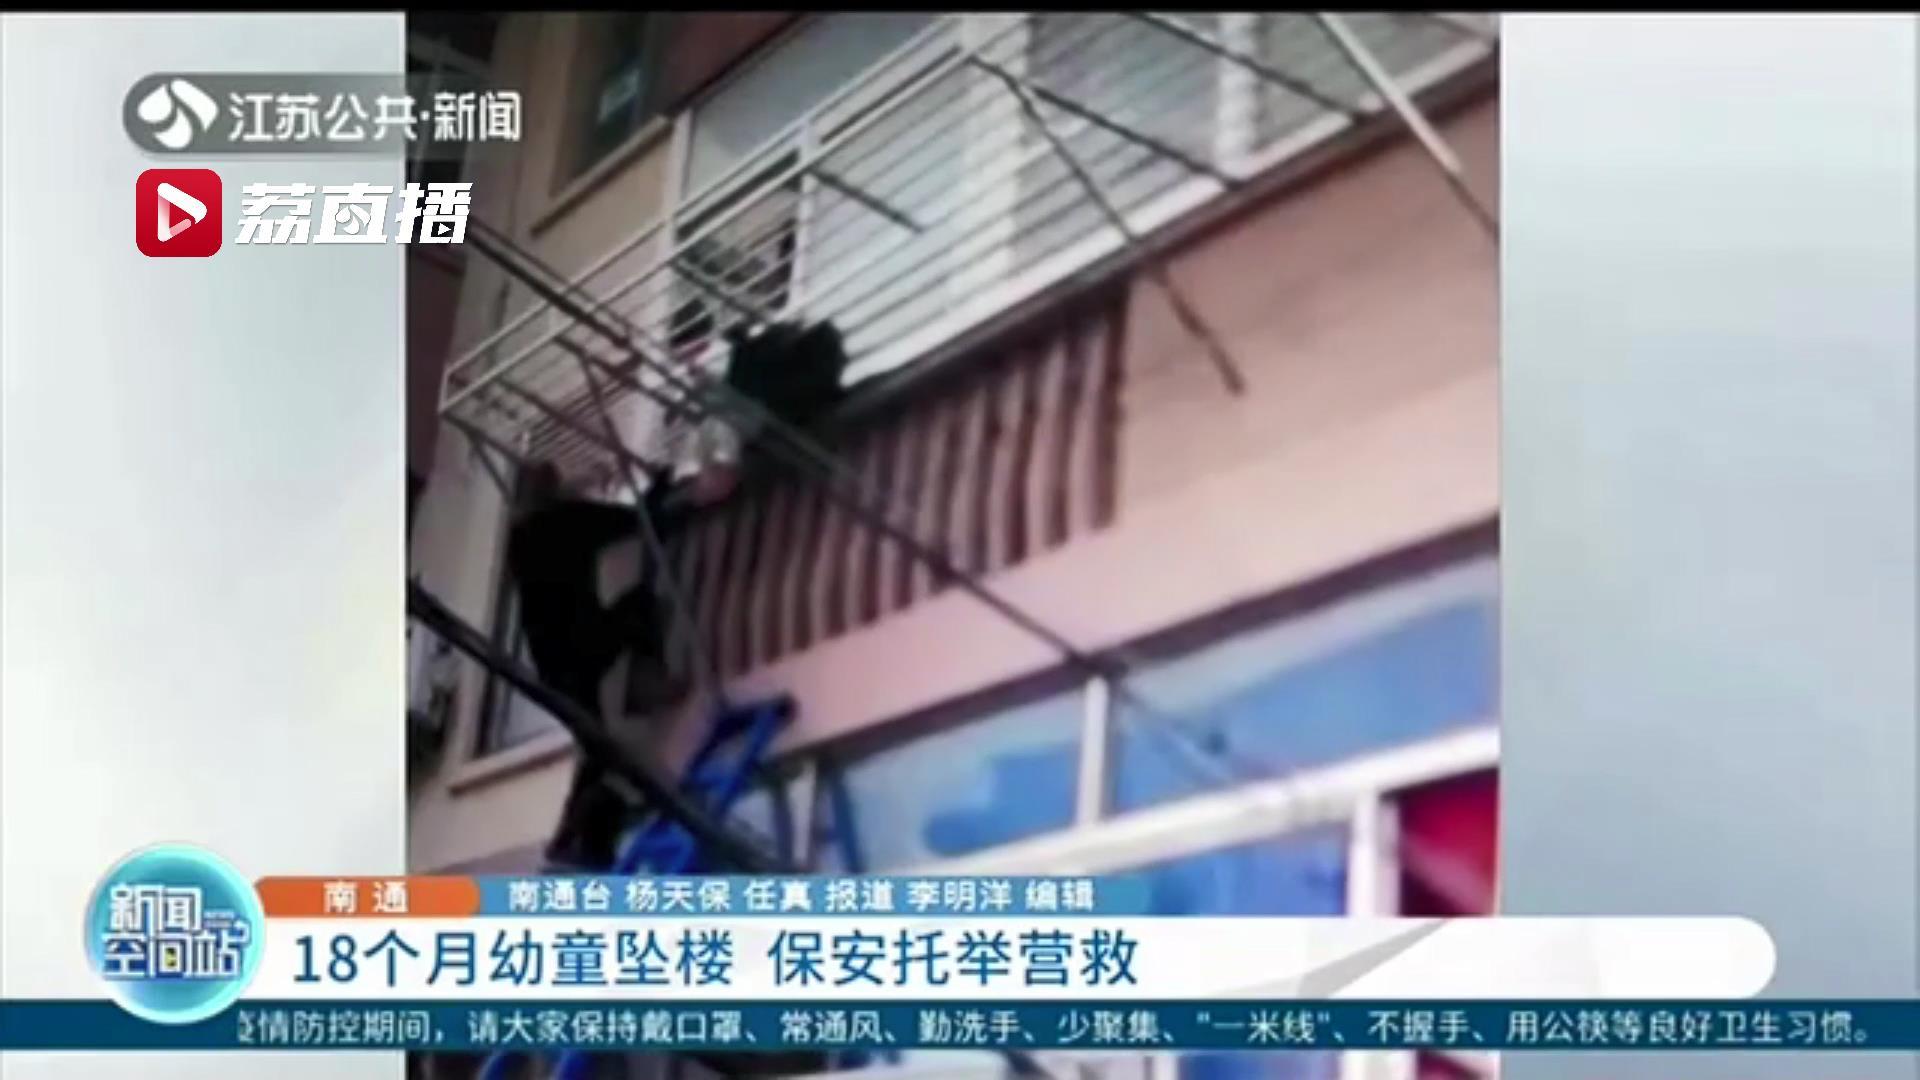 情况紧急!18个月幼童坠楼掉在三楼阳台外晒衣架 保安爬楼托举营救